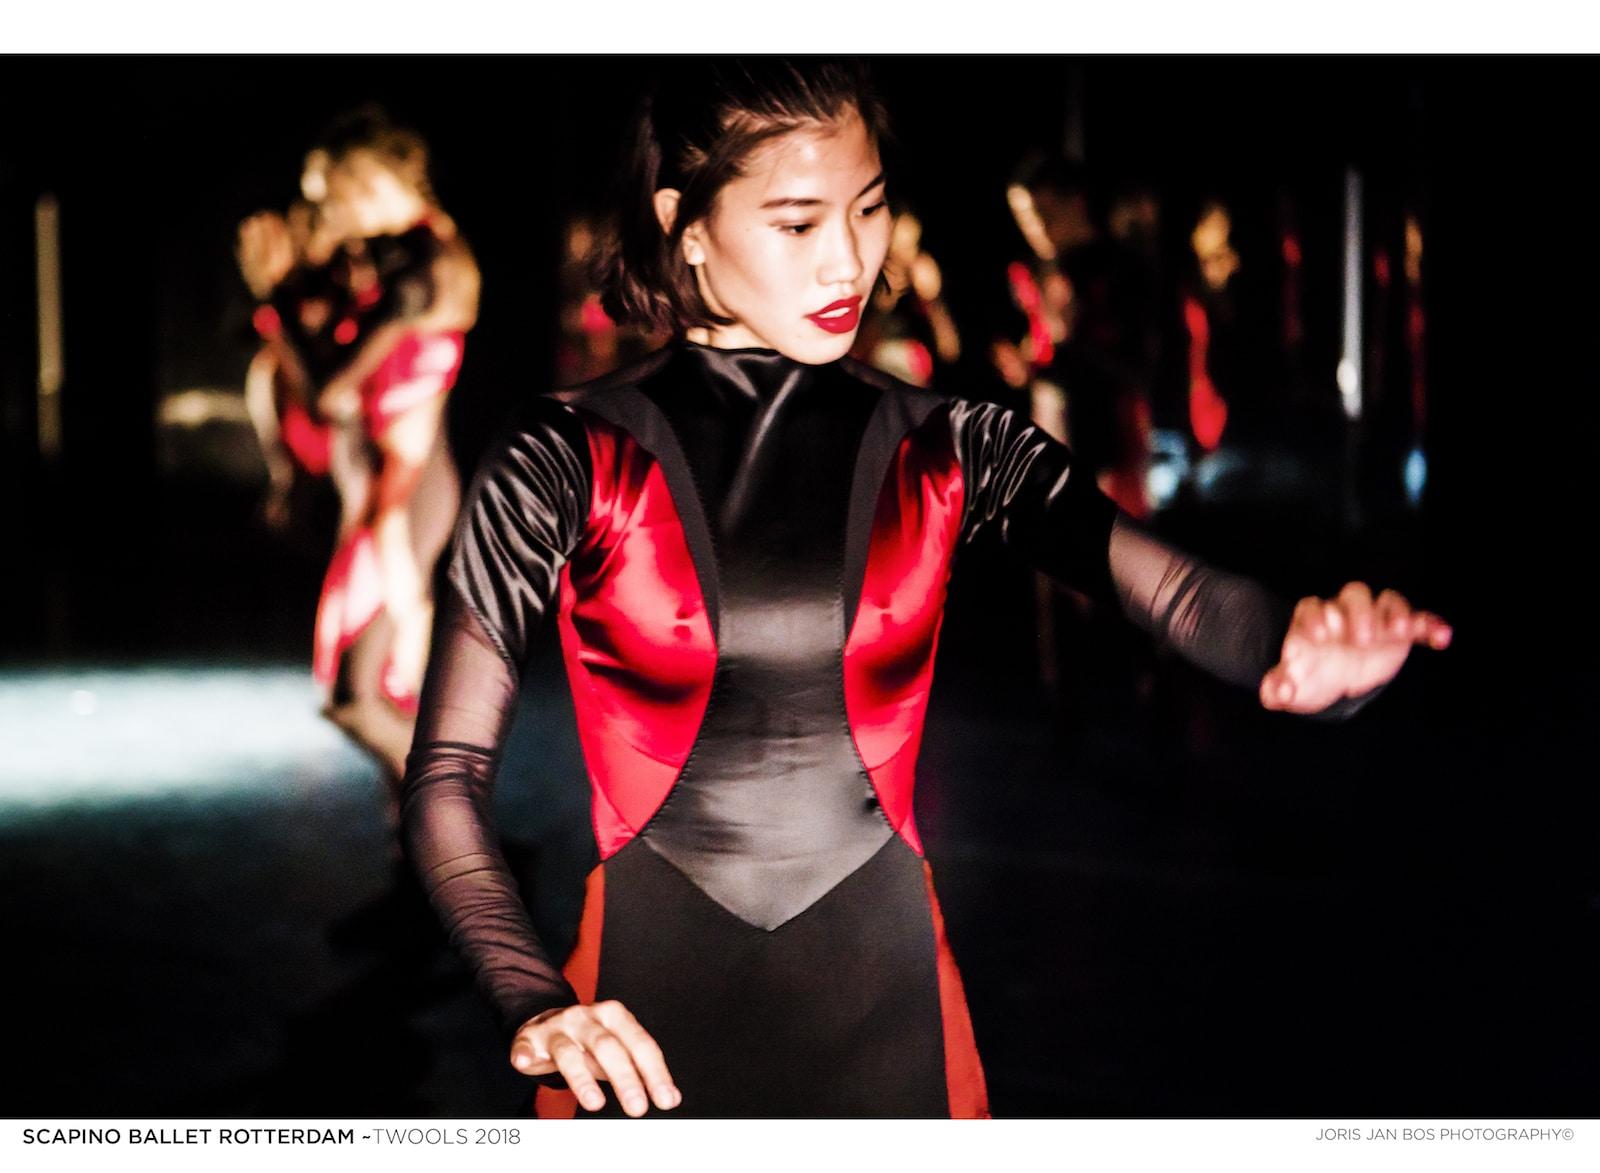 TWOOLS 18 van Scapino Ballet Rotterdam